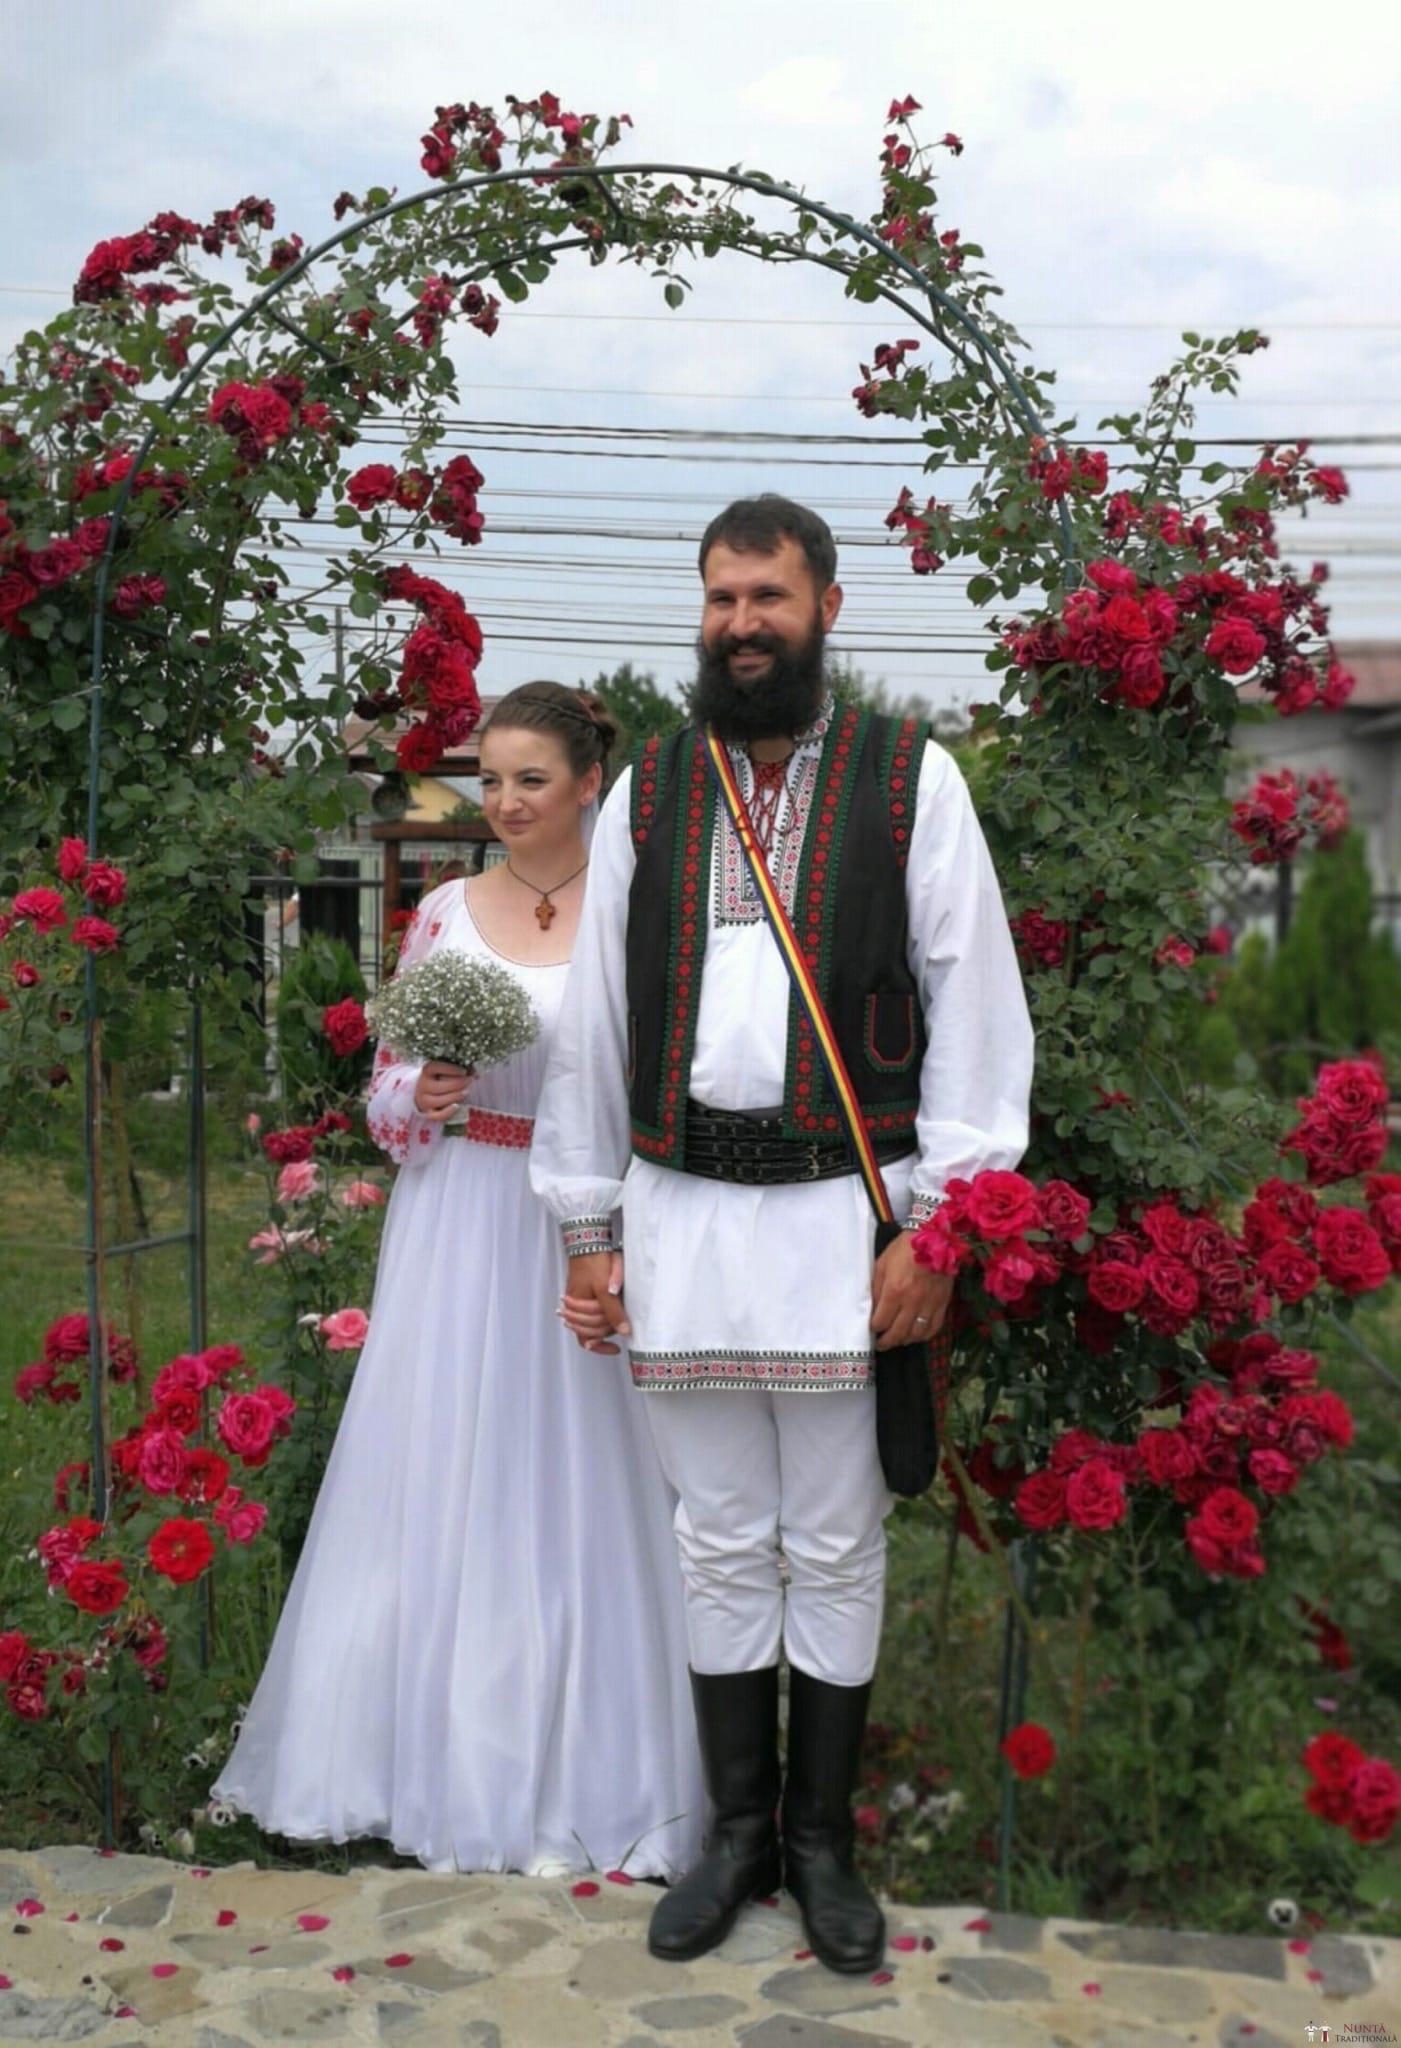 Povești Nunți Tradiționale - George Gabriel și Alexandra Buzatu, nuntă tradițională în Strejnicu, Prahova 1